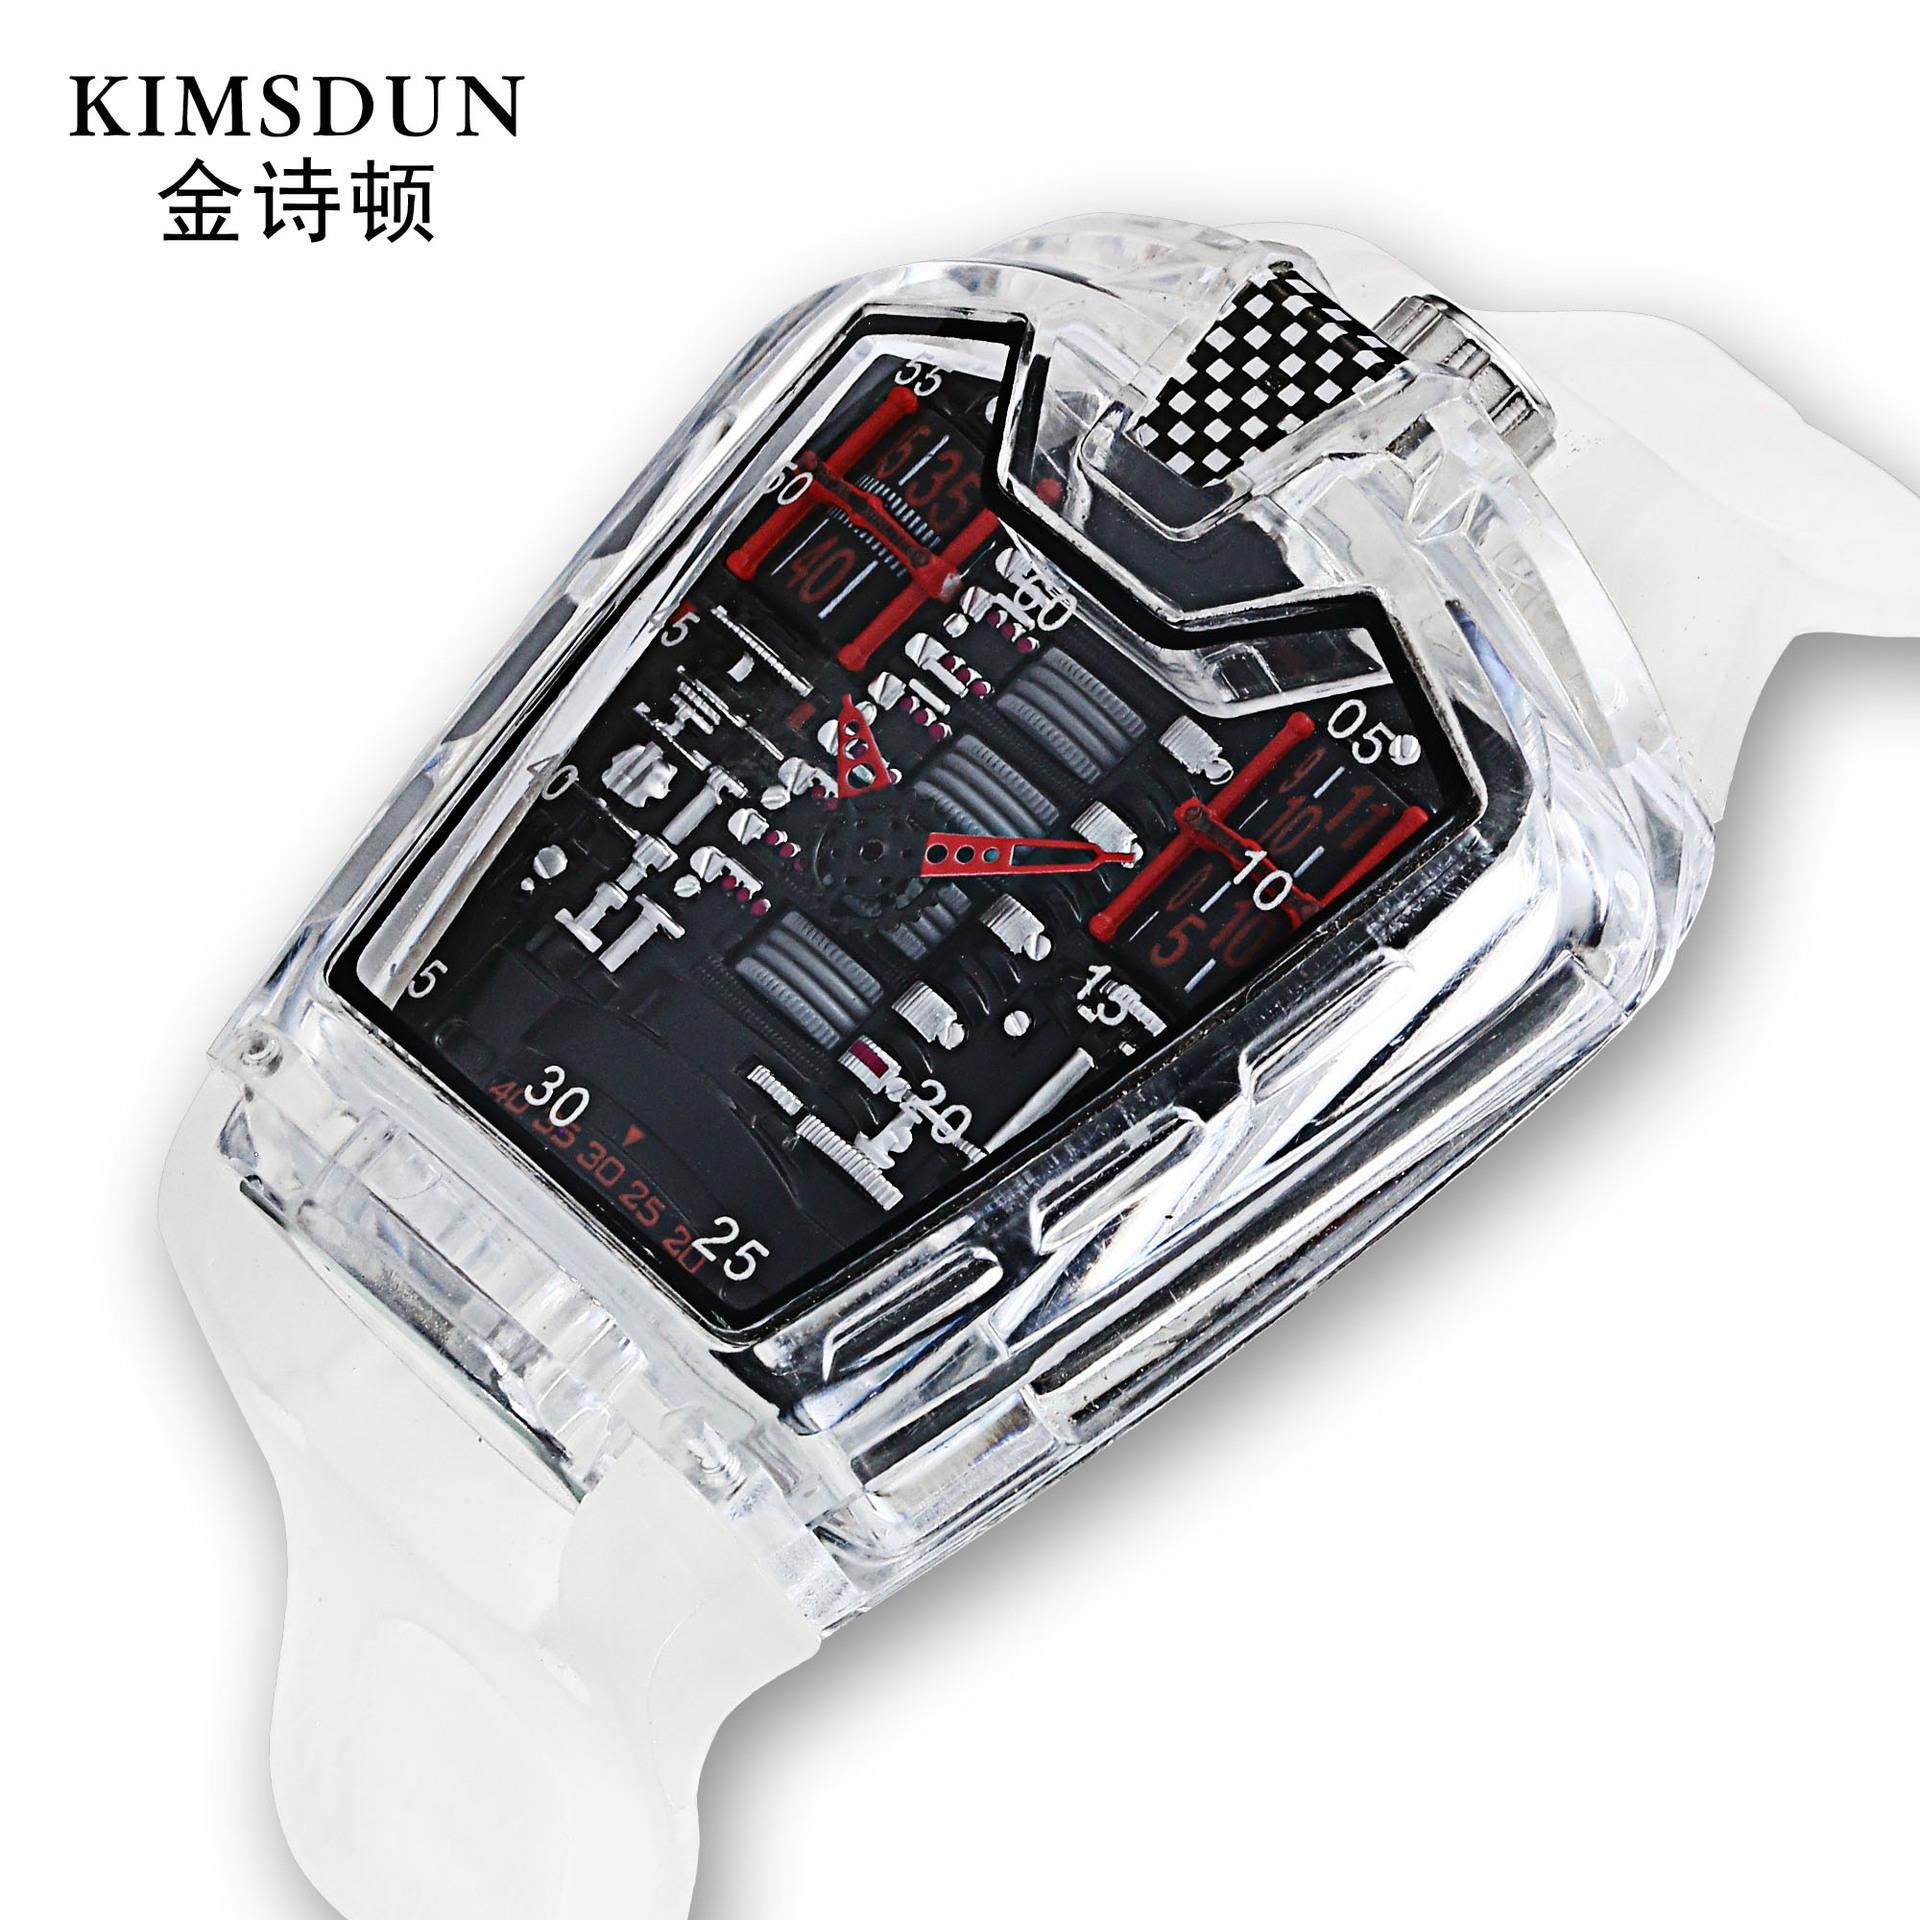 个性法拉利跑车概念表赛车发动机舱六缸男表创意腕表潮流时装手表